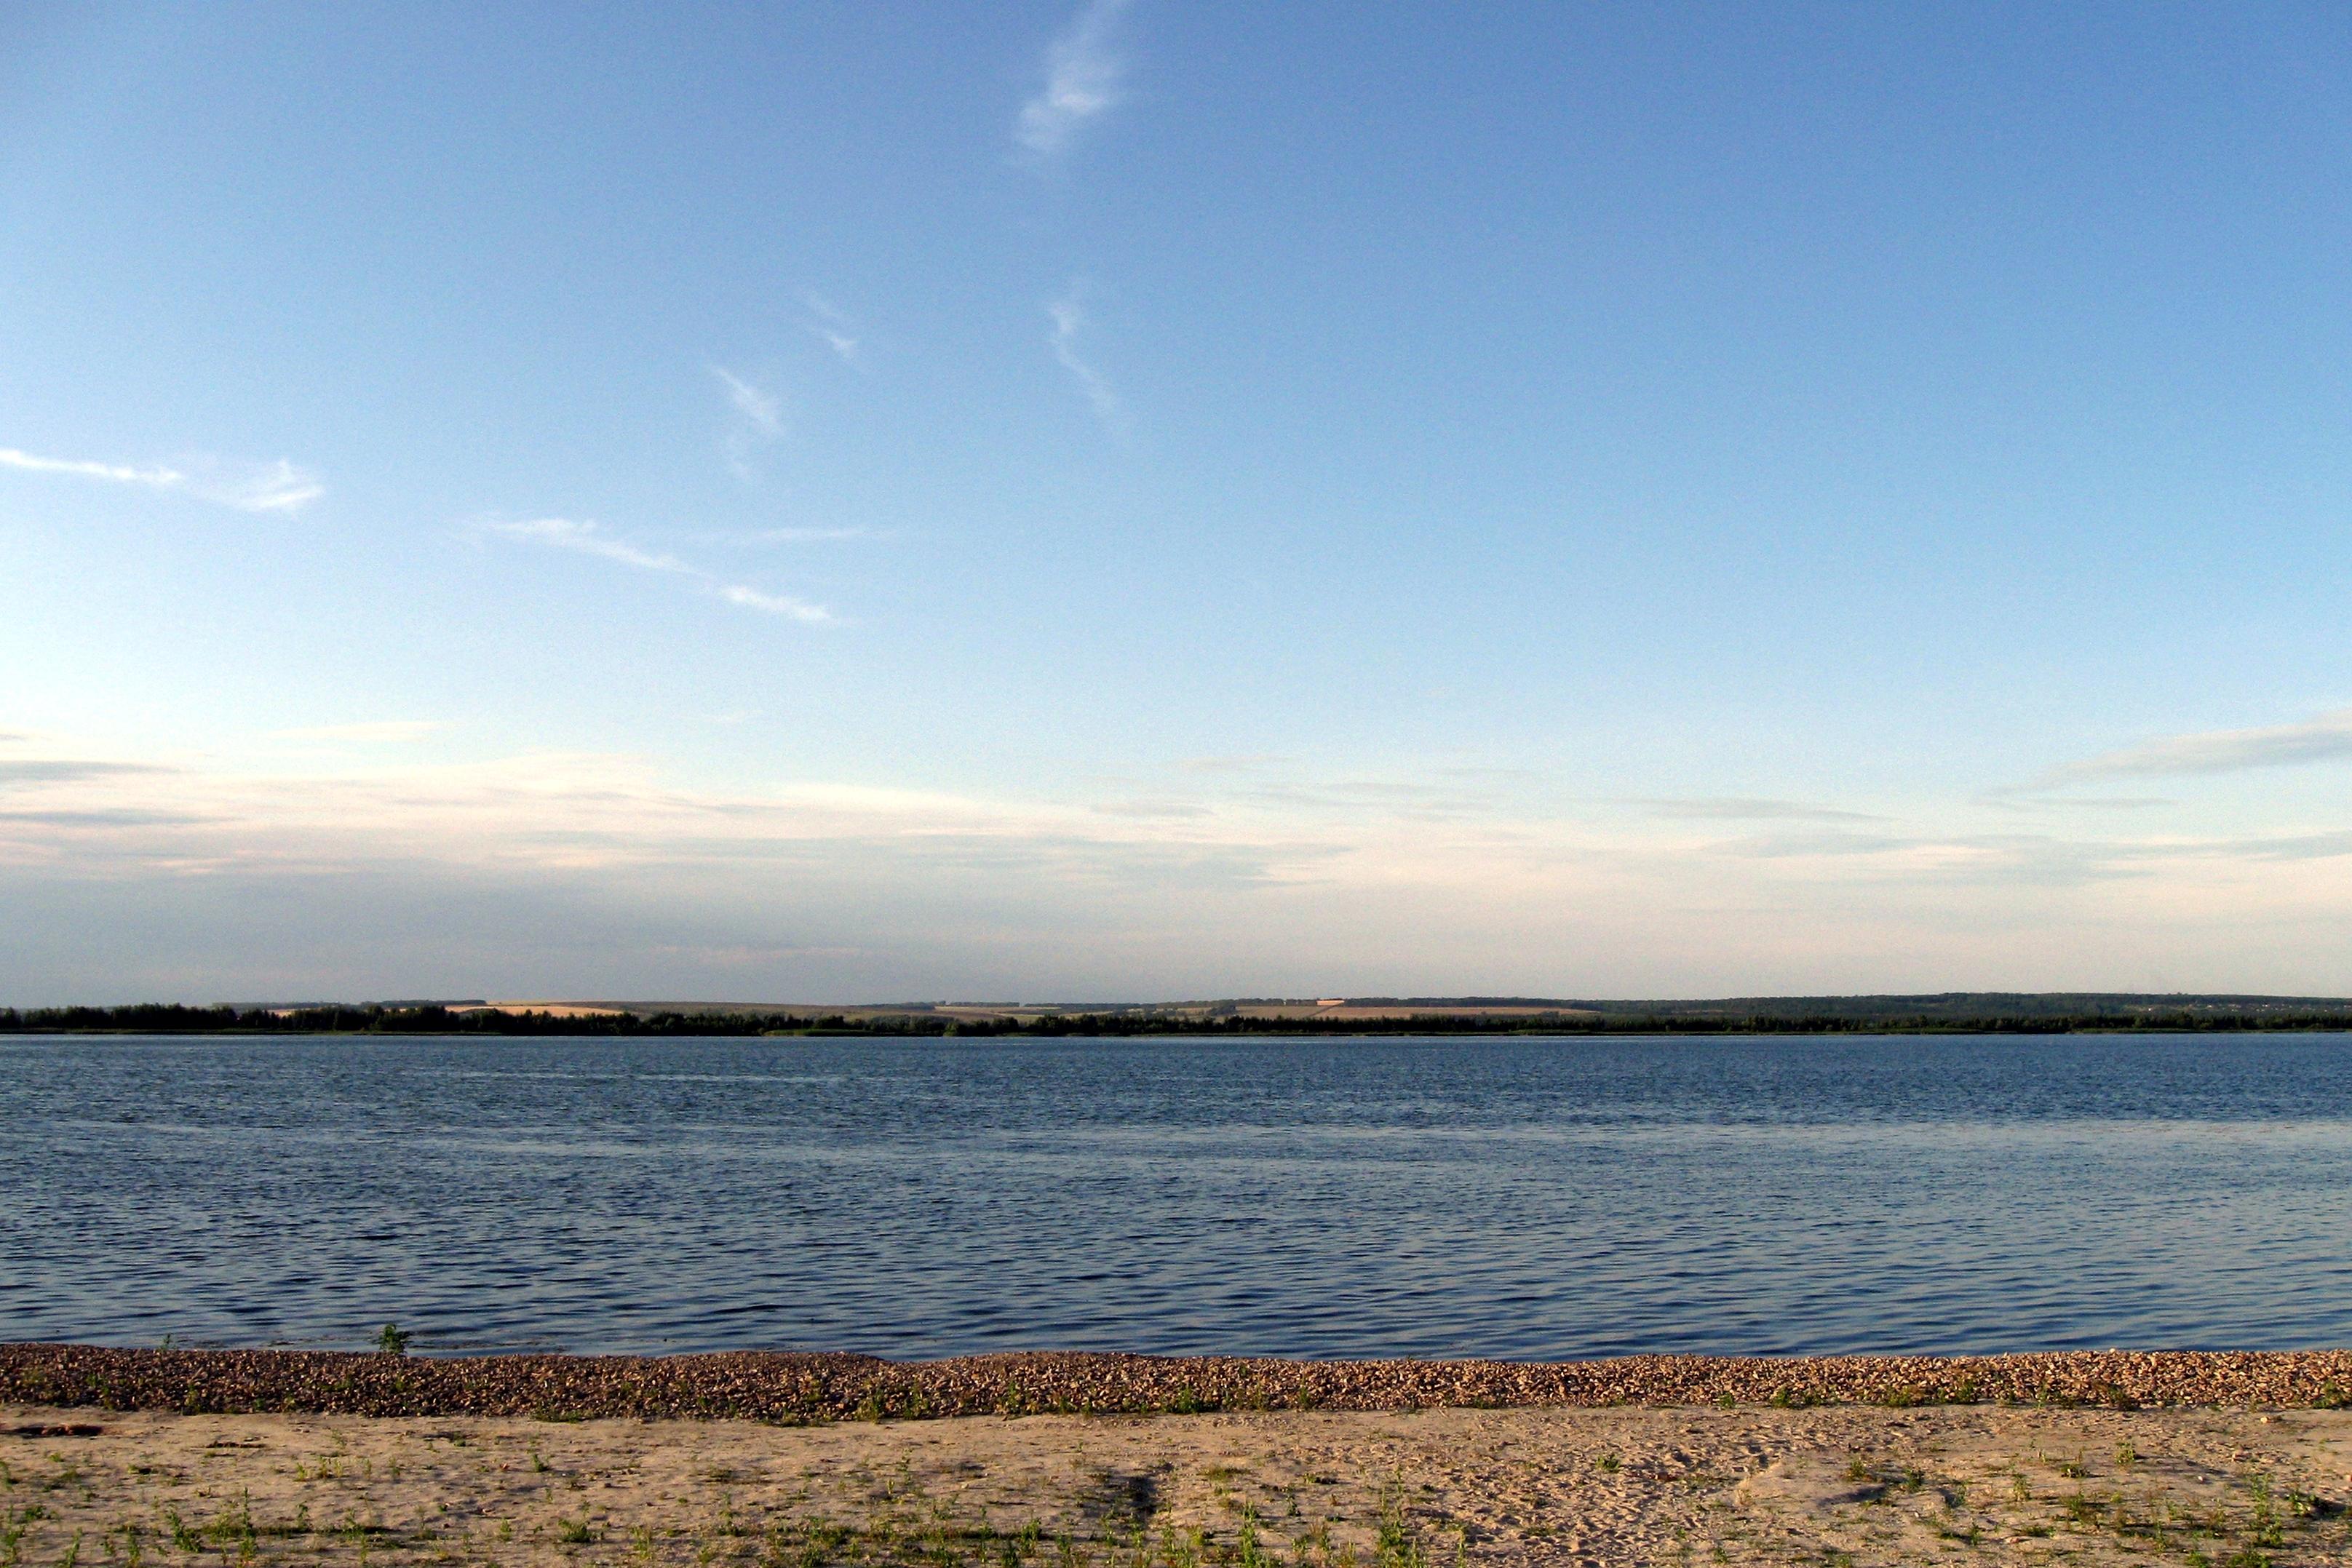 Курян предупреждают об опасности купания в Курчатовском «море»